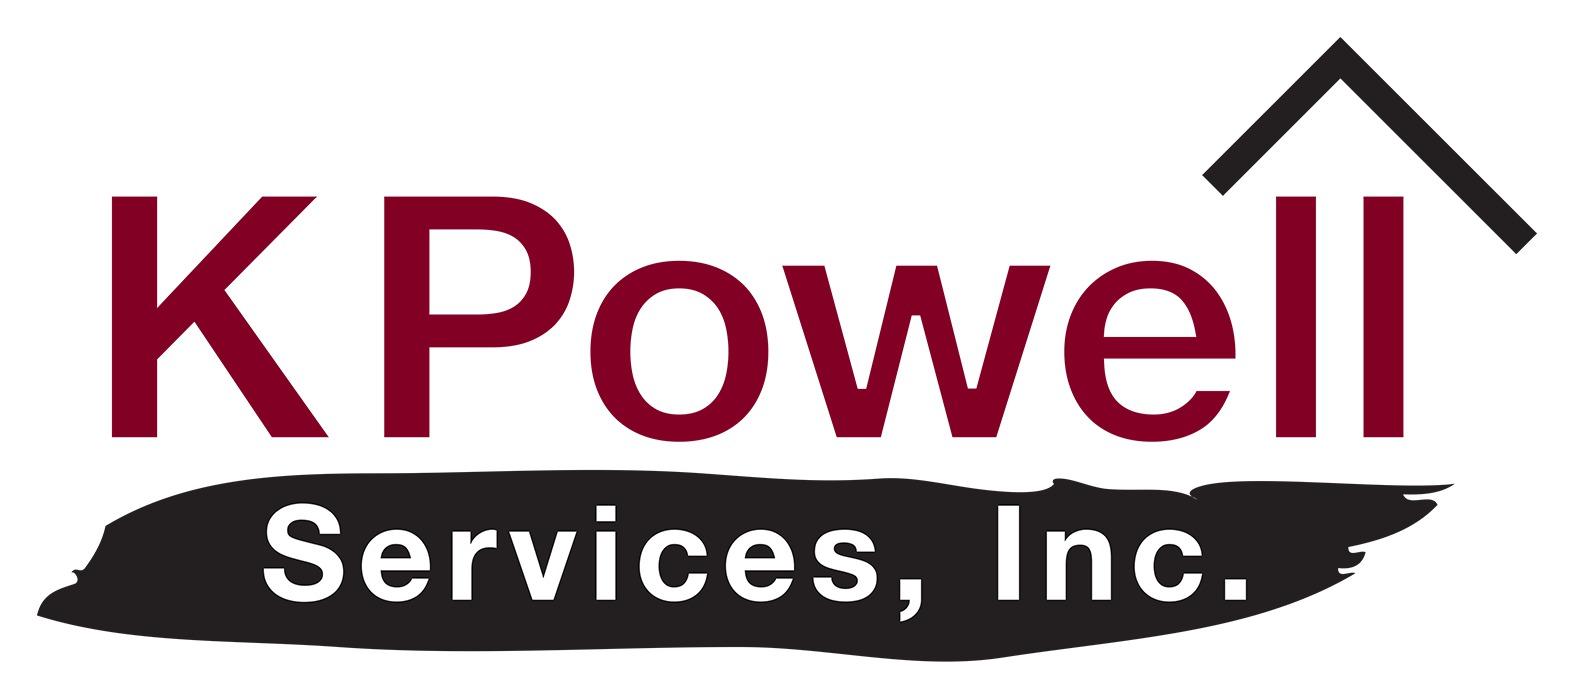 kps-logo-ƒ (1)-p1cm483vi3ccr1p17bv61jamgtj.jpg